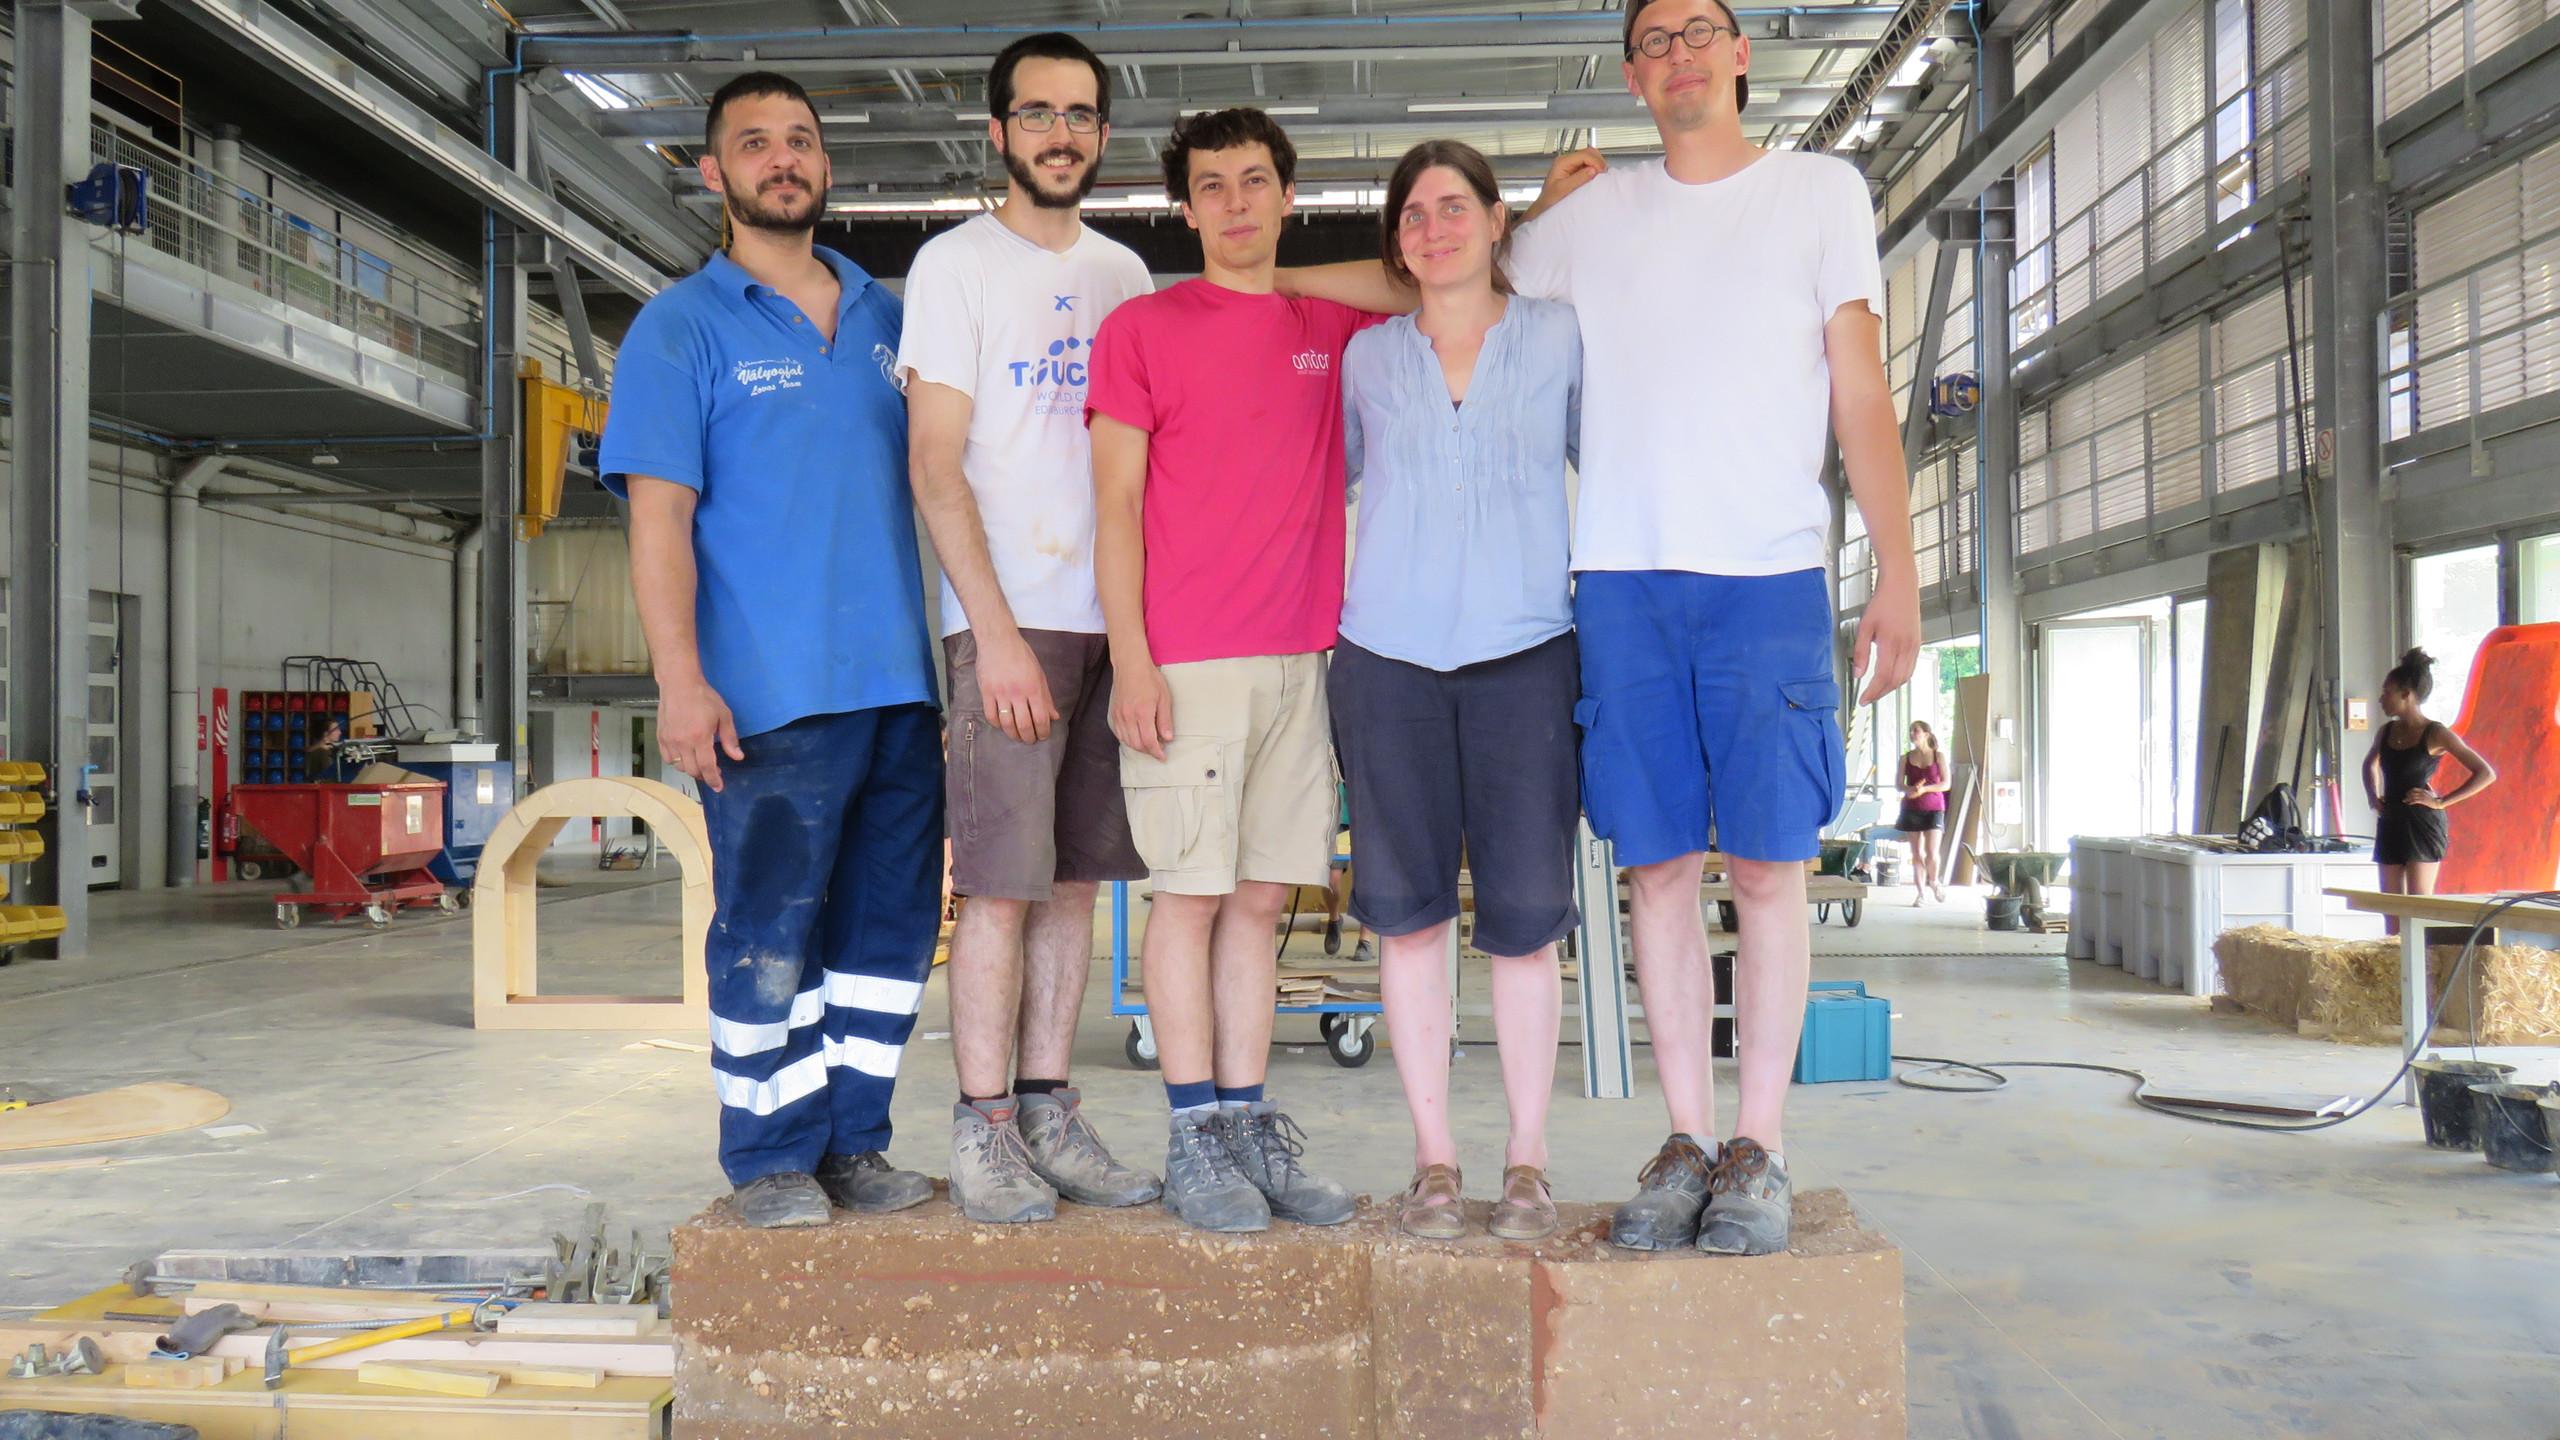 a csapat jobbról: Gergő, Boldizsár, oktatónk: Leo, Gabriella, Ádám,